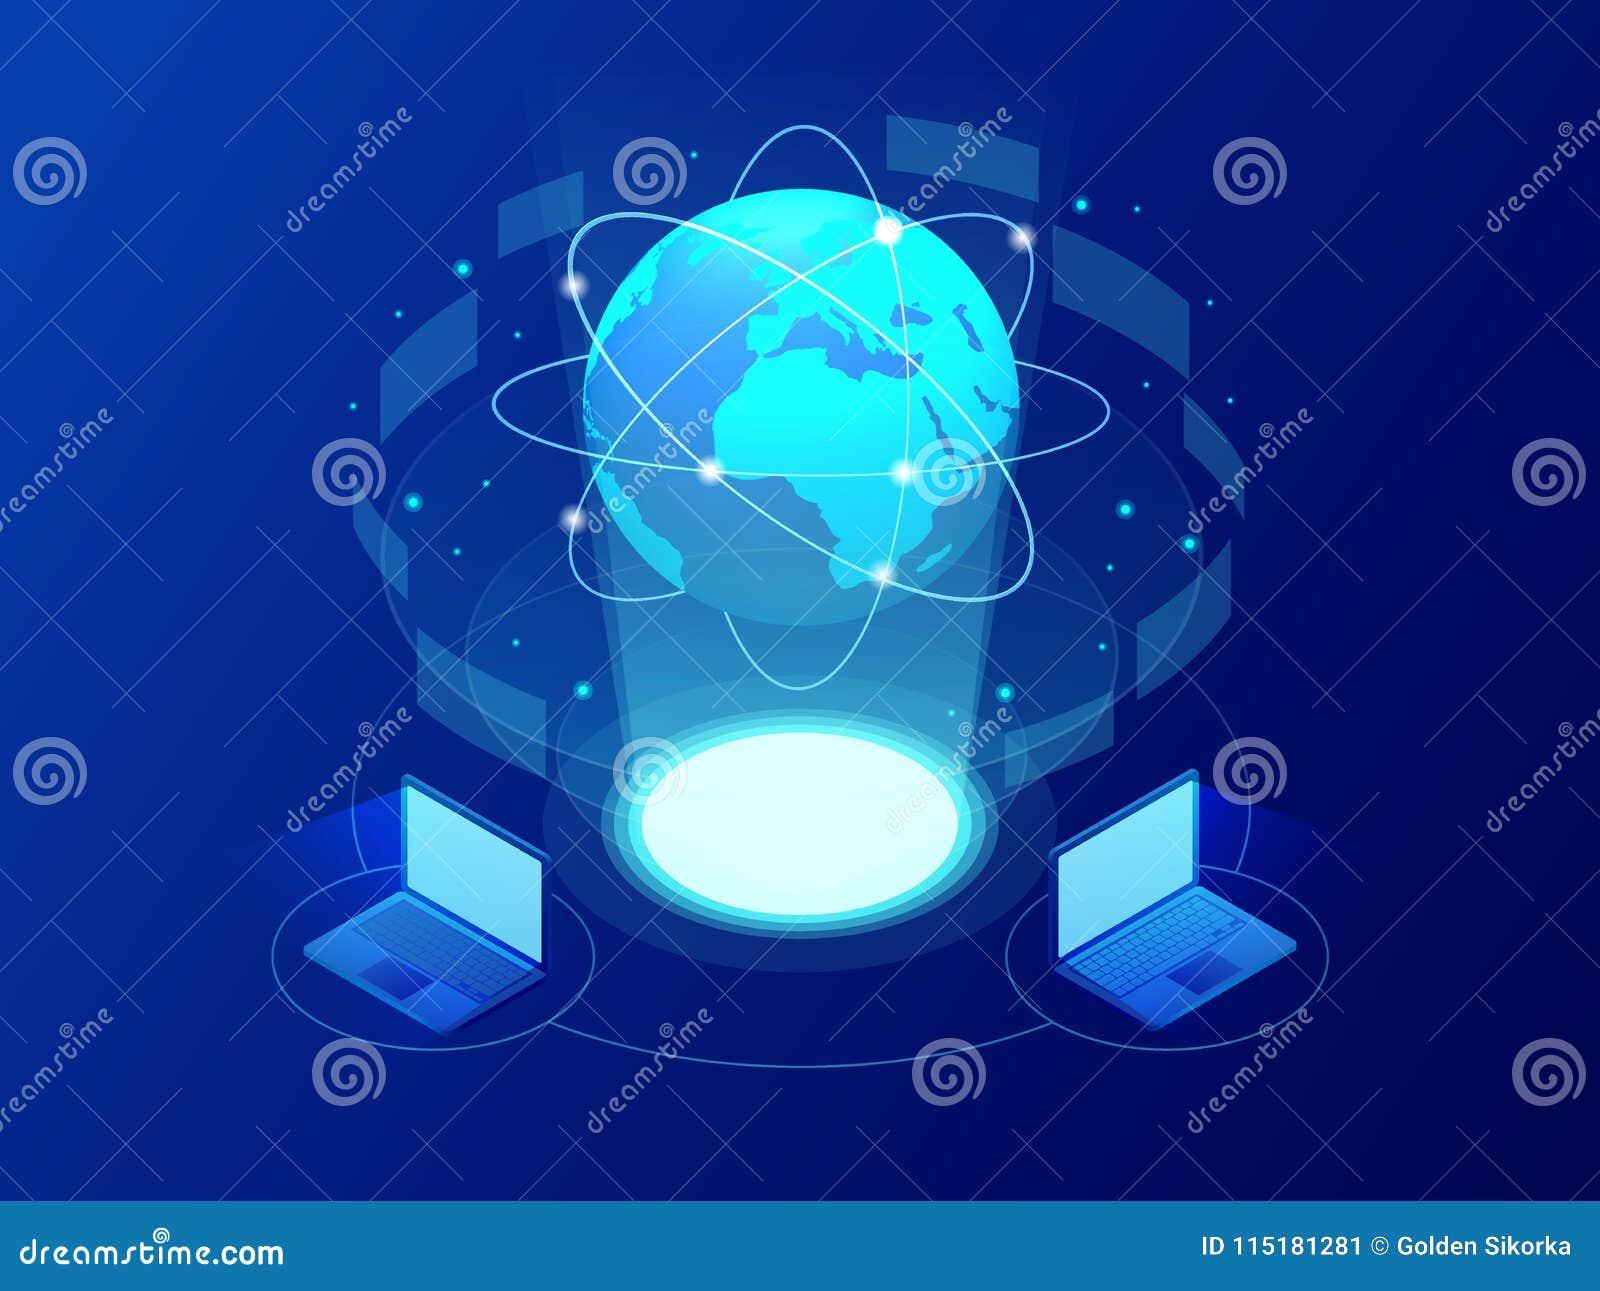 Globale Kommunikation Internet um den Planeten Netz- und Datenaustausch über Planeten Verbundene Satelliten für